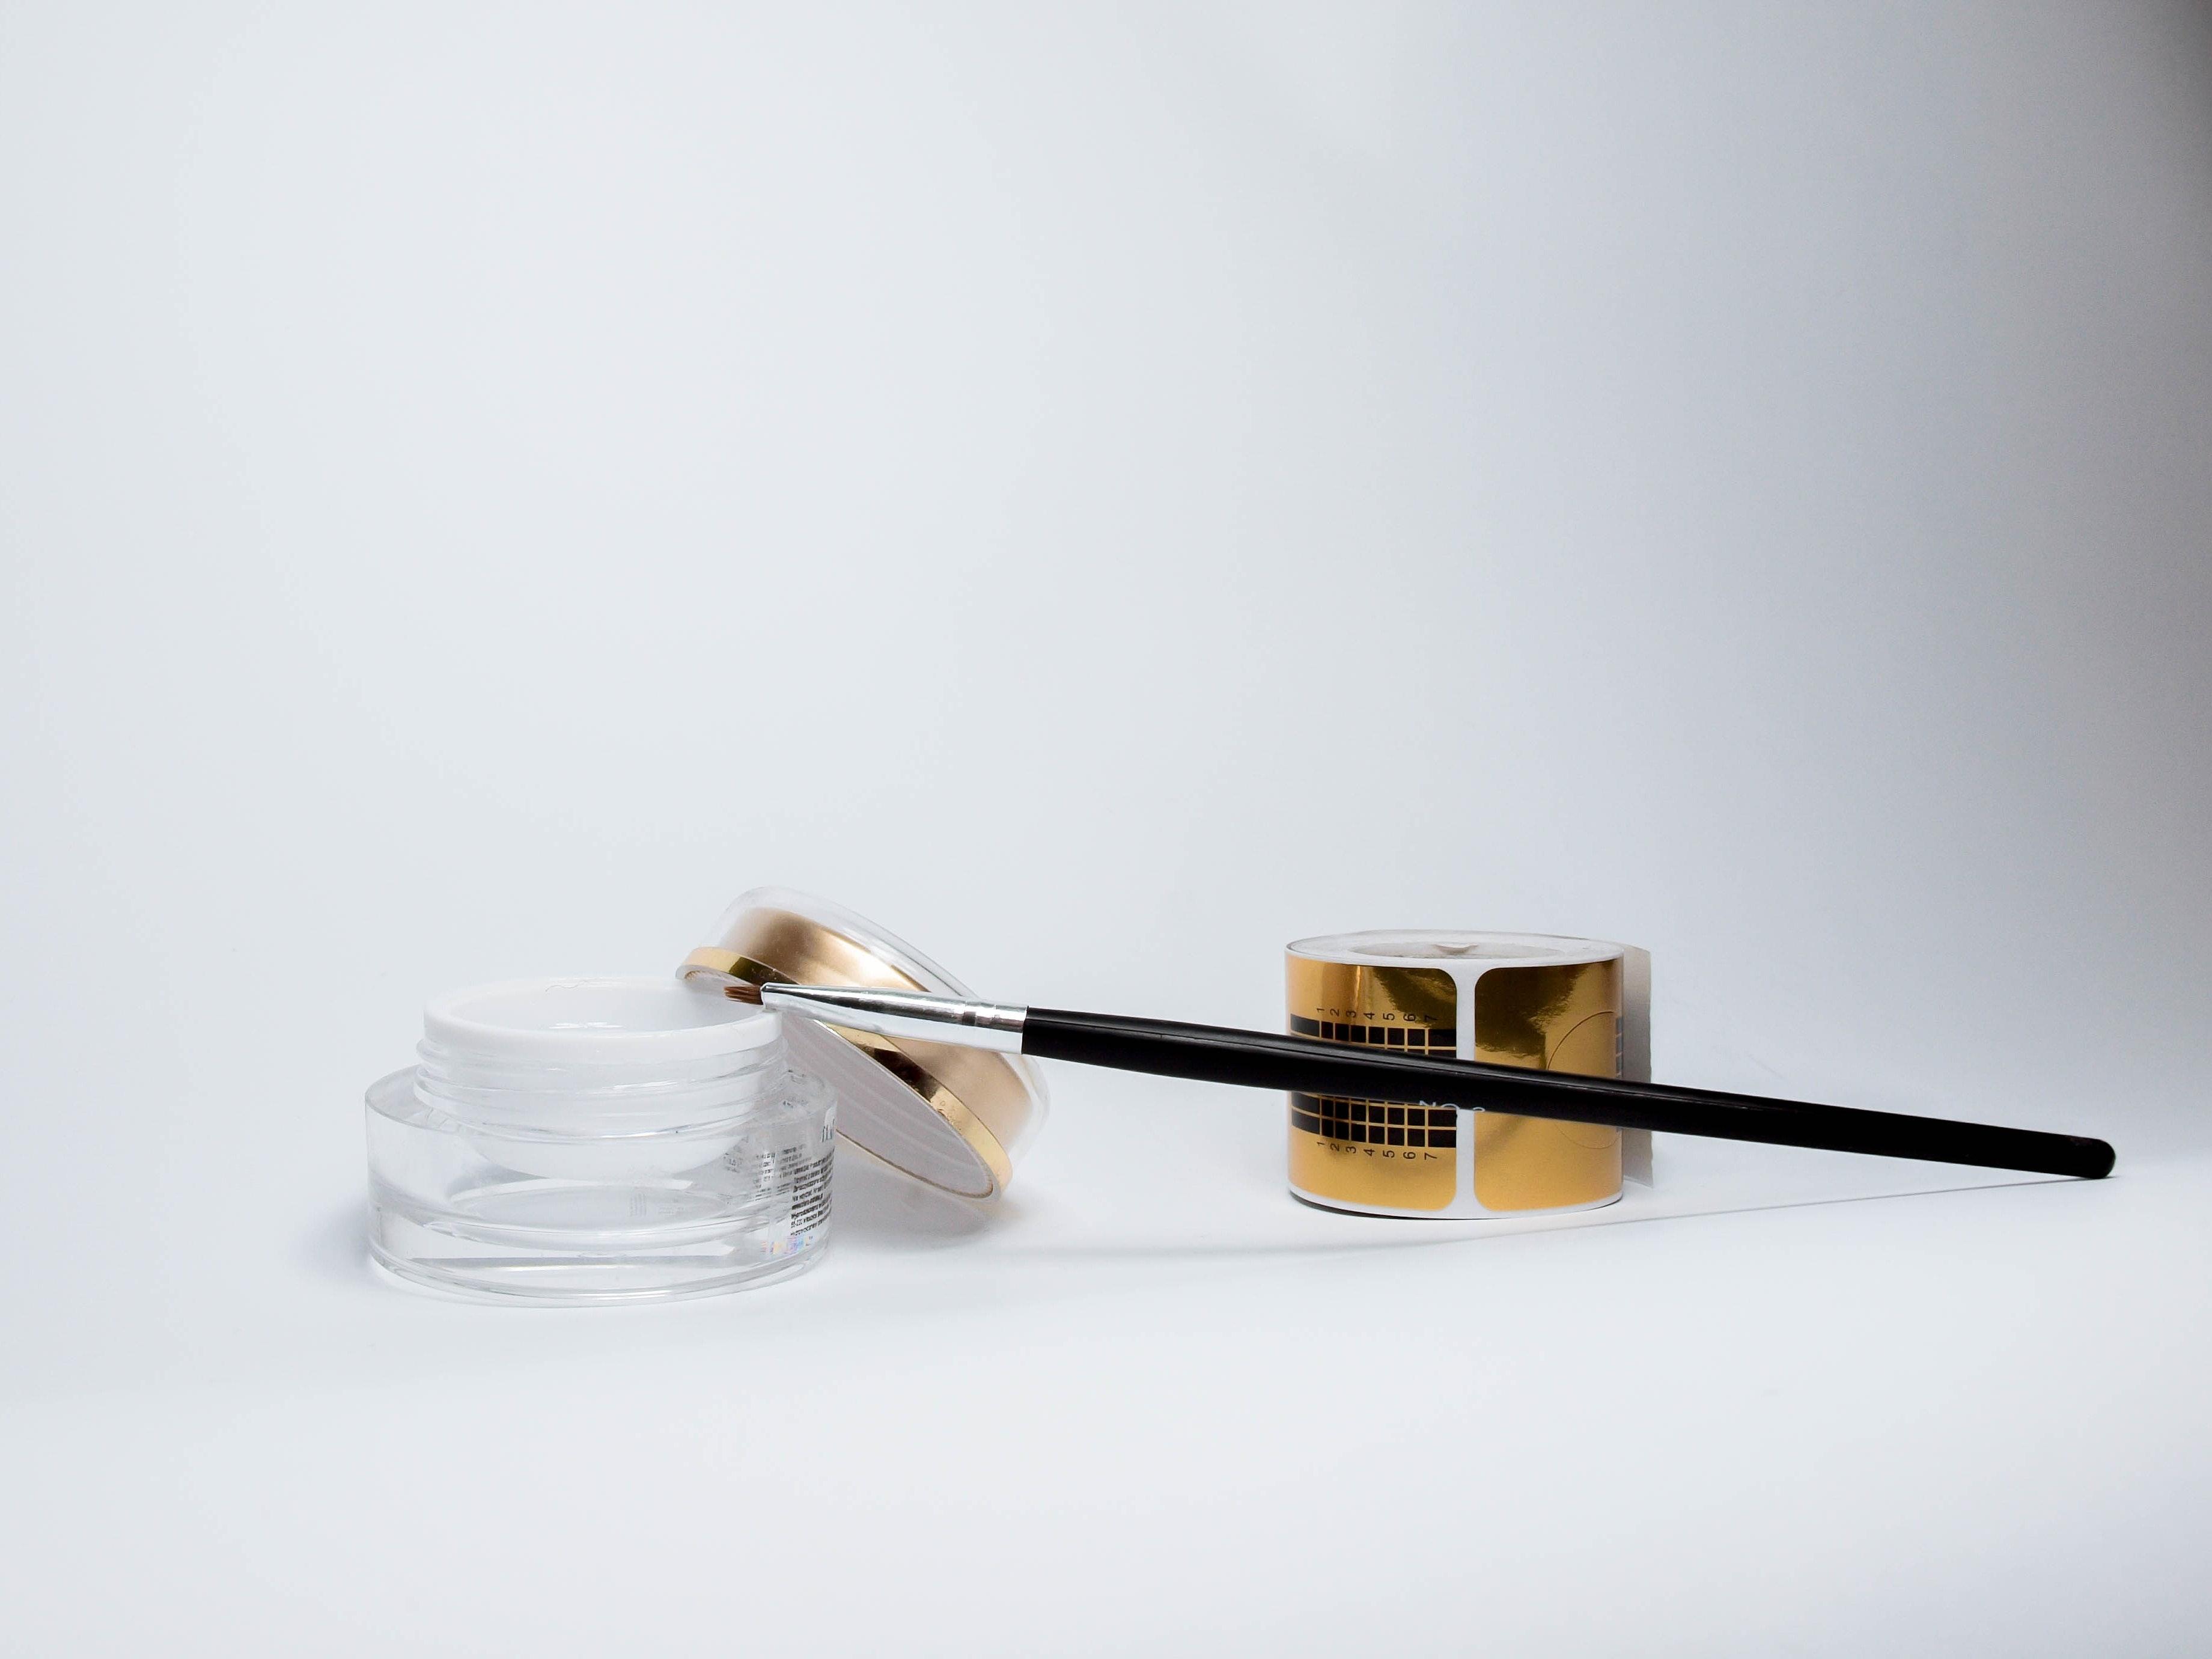 Nachaltigkeit in der Kosmetikbranche - Recyclebare Verpackung